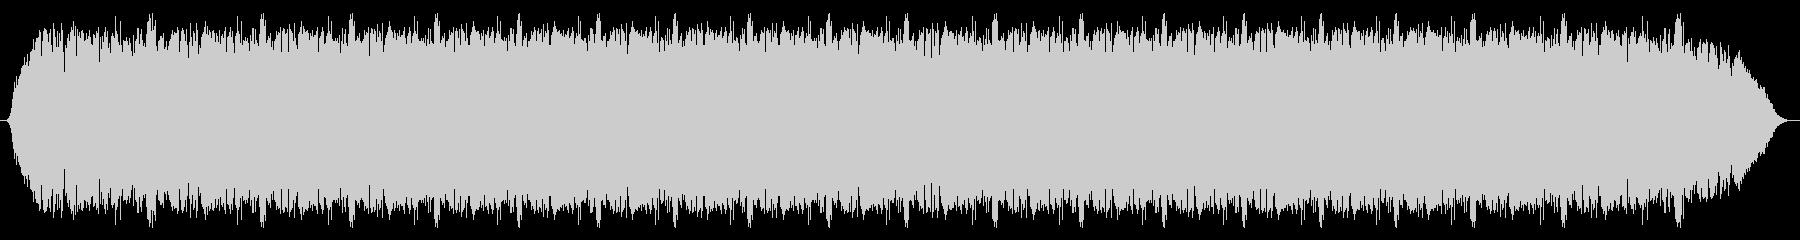 SNES レース02-01(エンジン)の未再生の波形